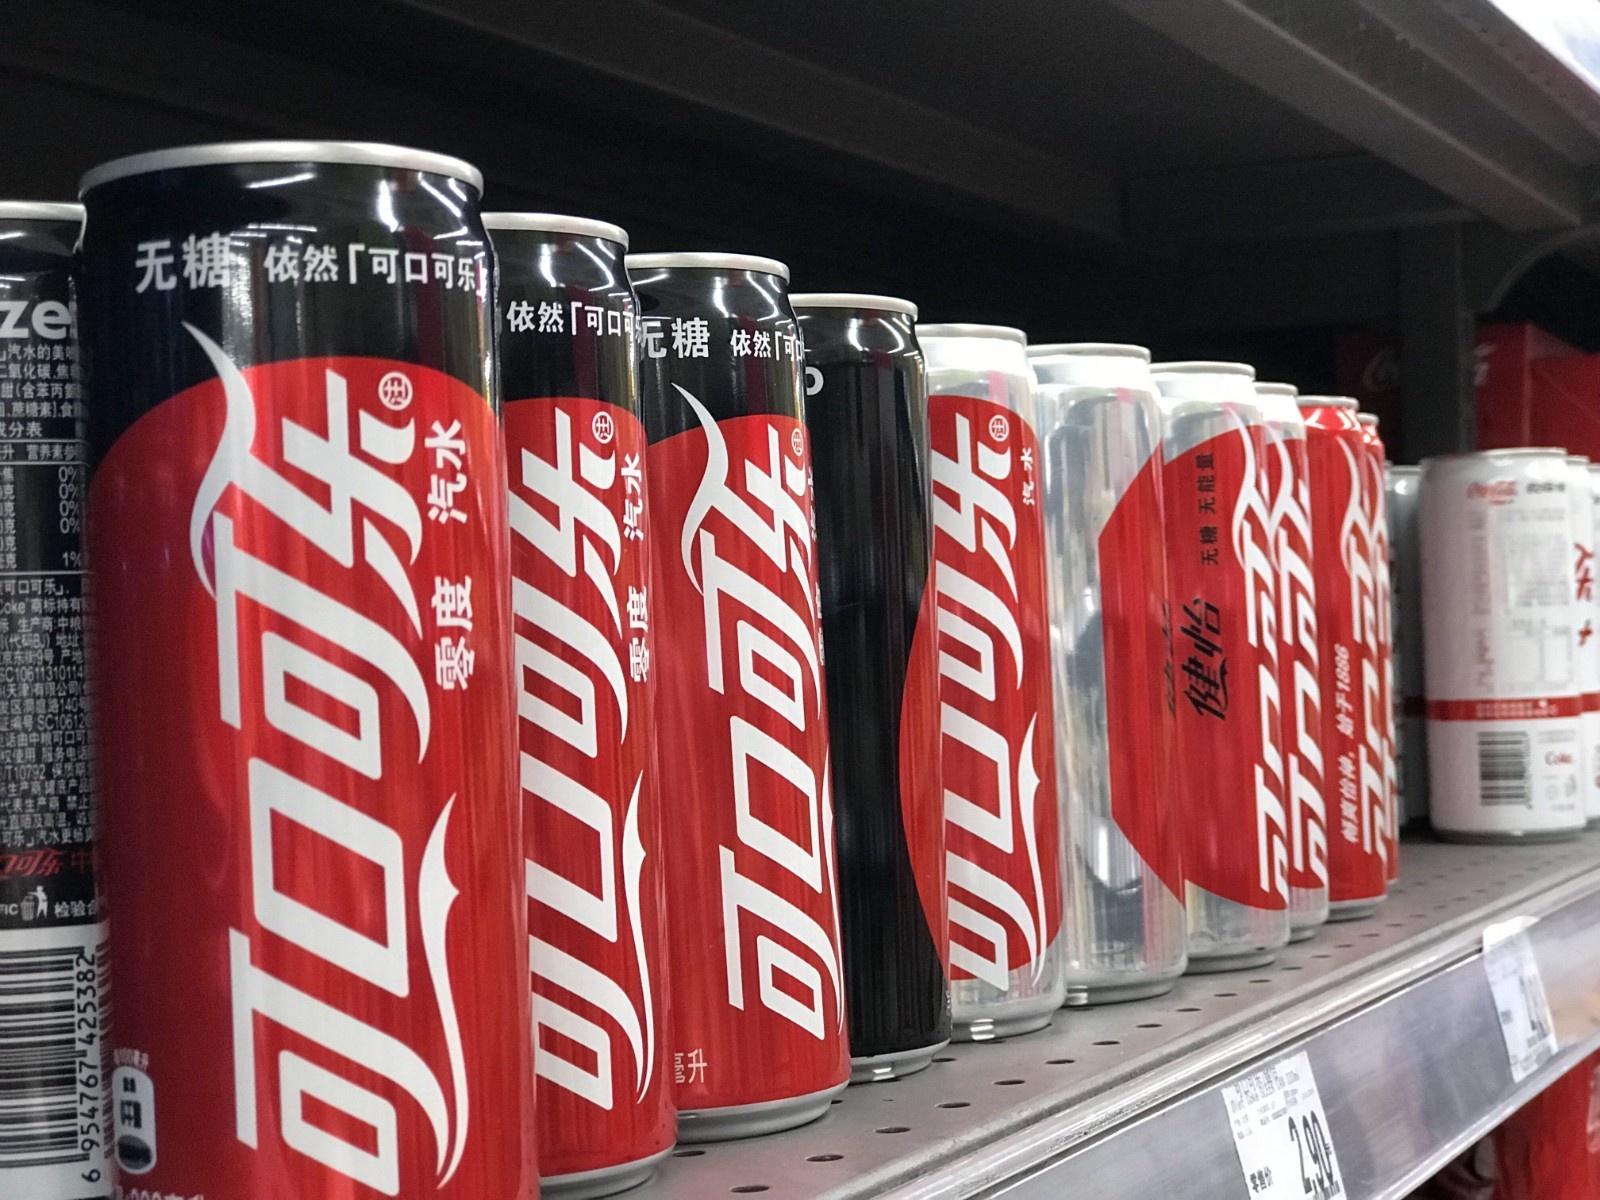 熬过阵痛期、业绩超预期 可口可乐股价创下历史新高